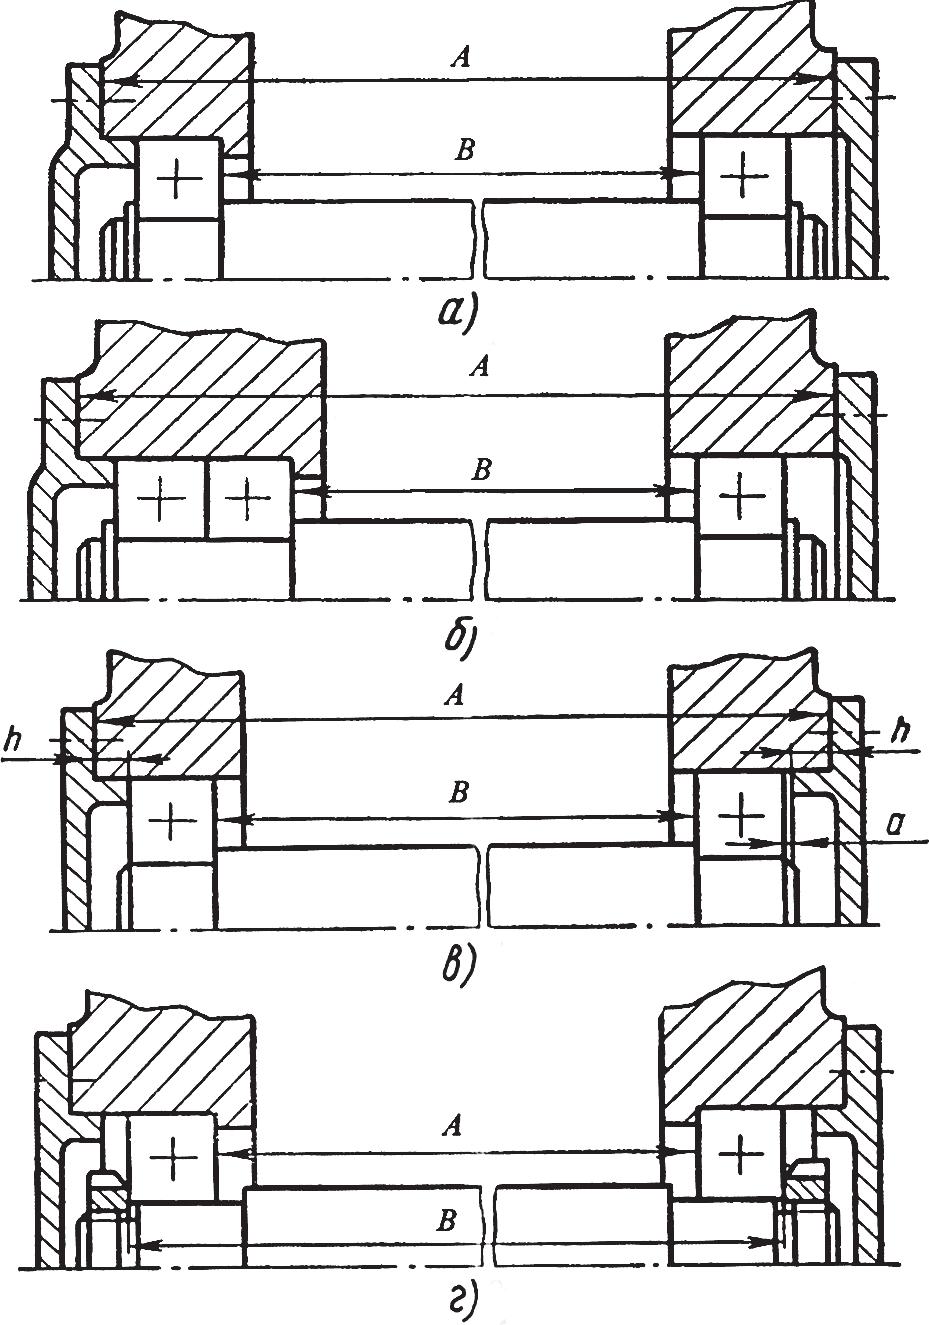 Схемы монтажа валов с подшипниками в корпус